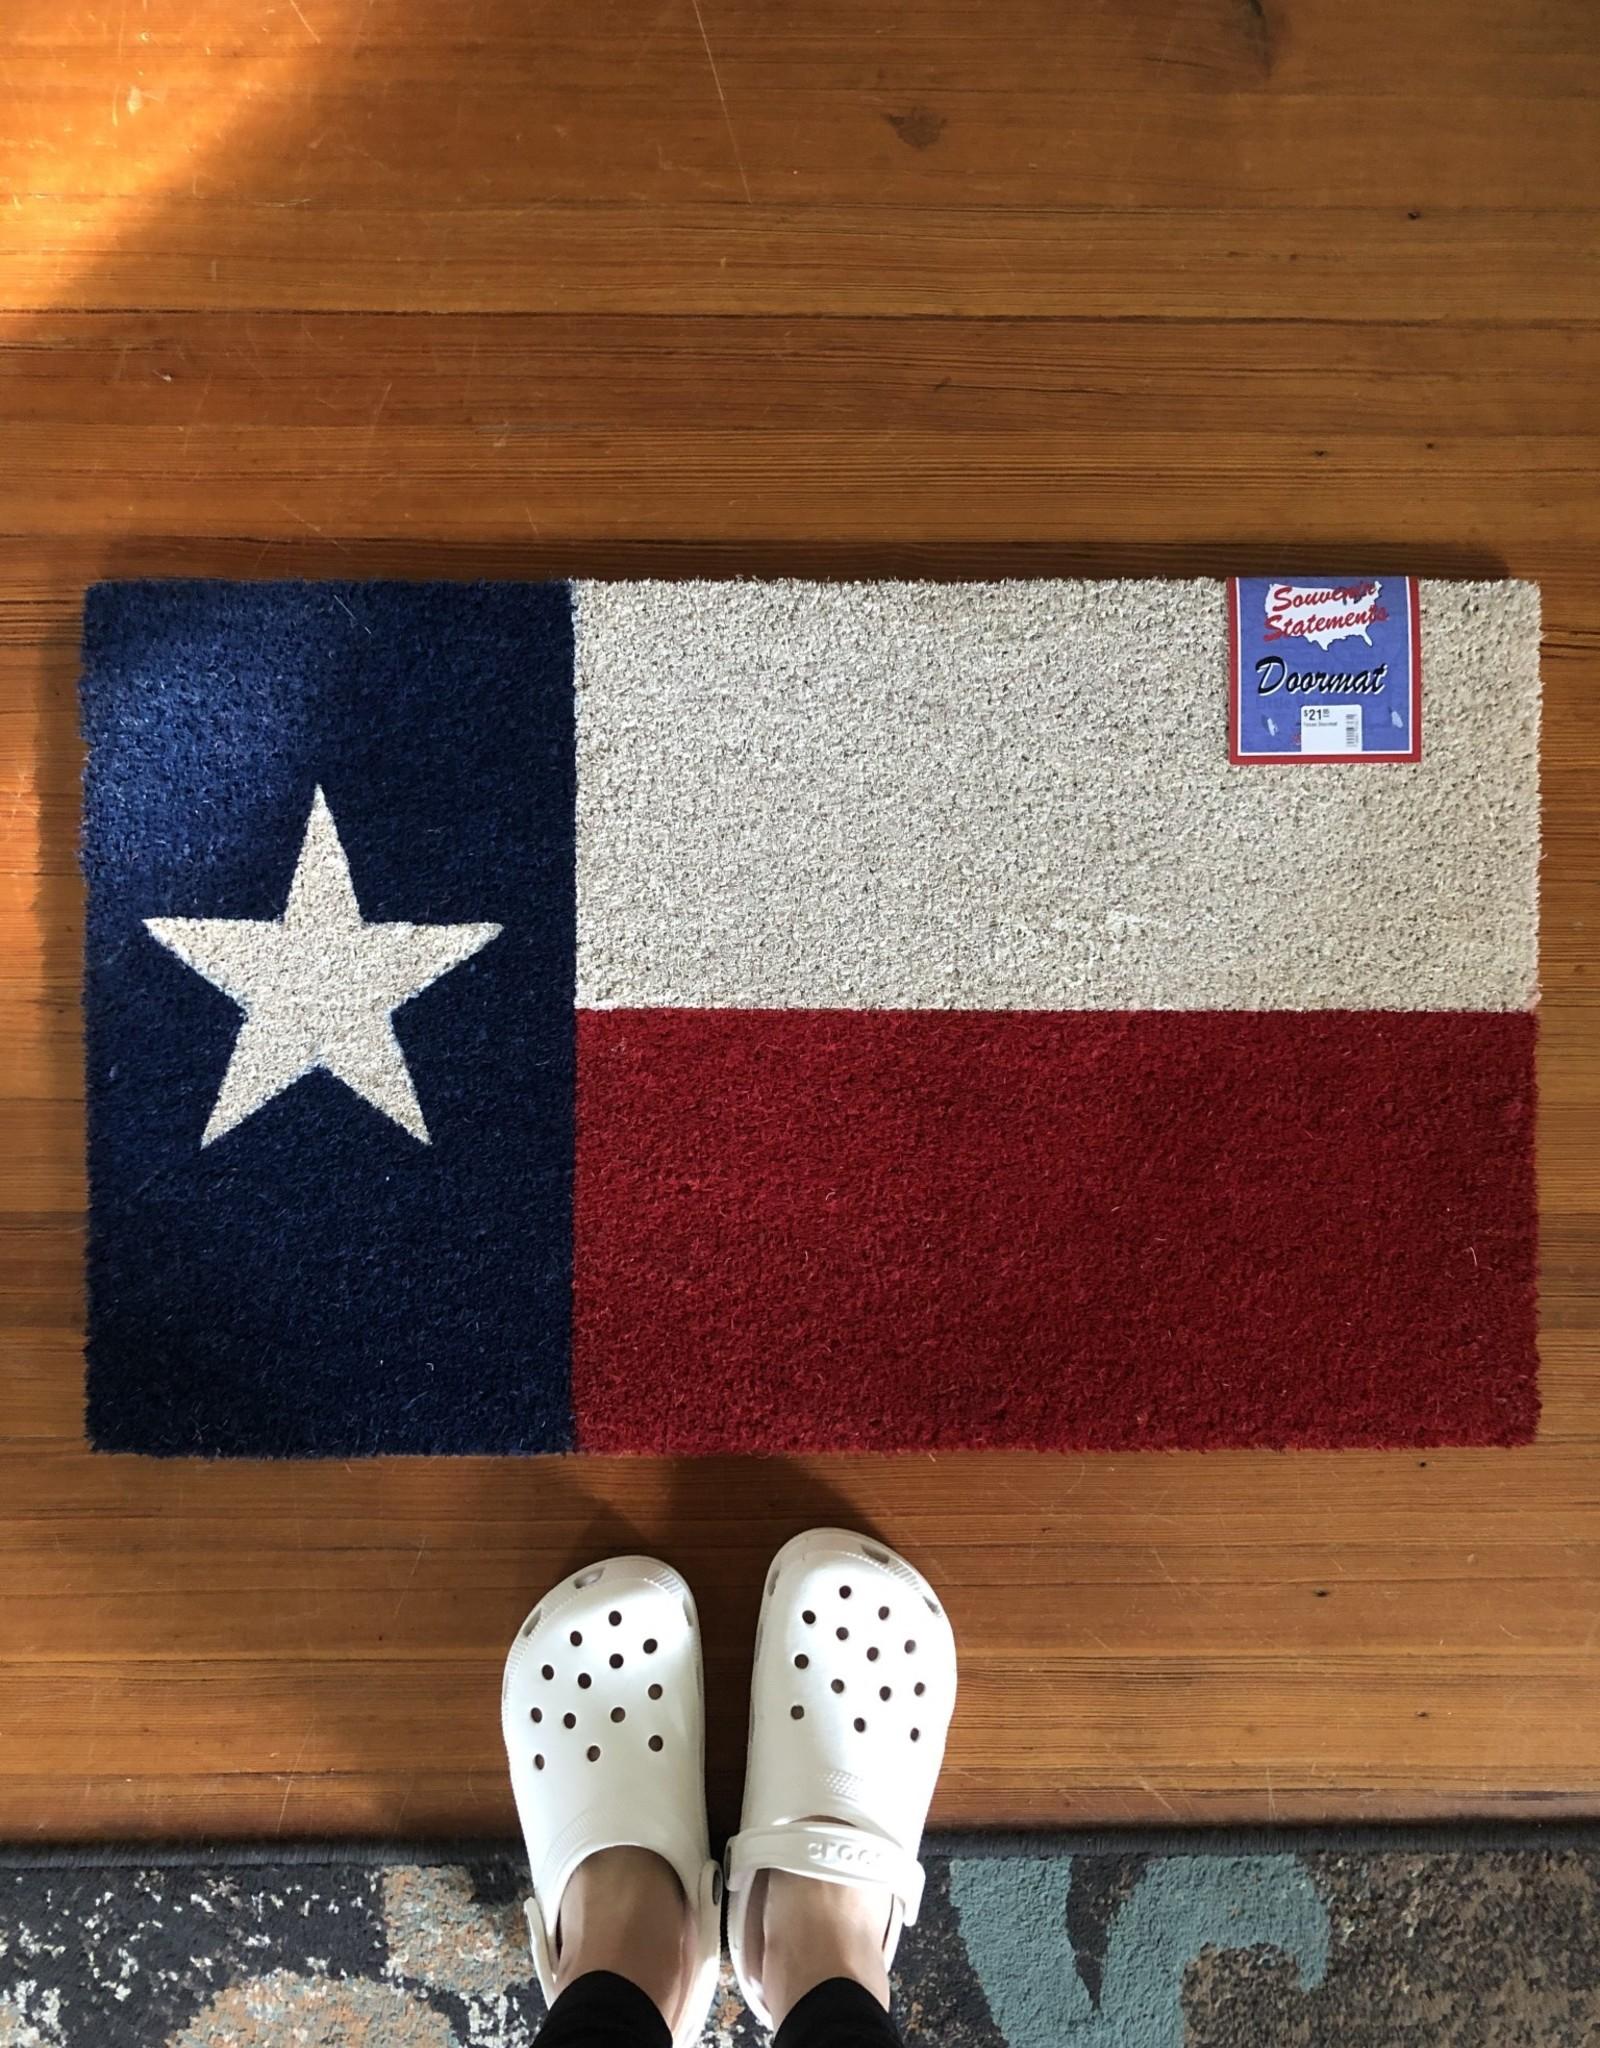 Wink Texas Doormat